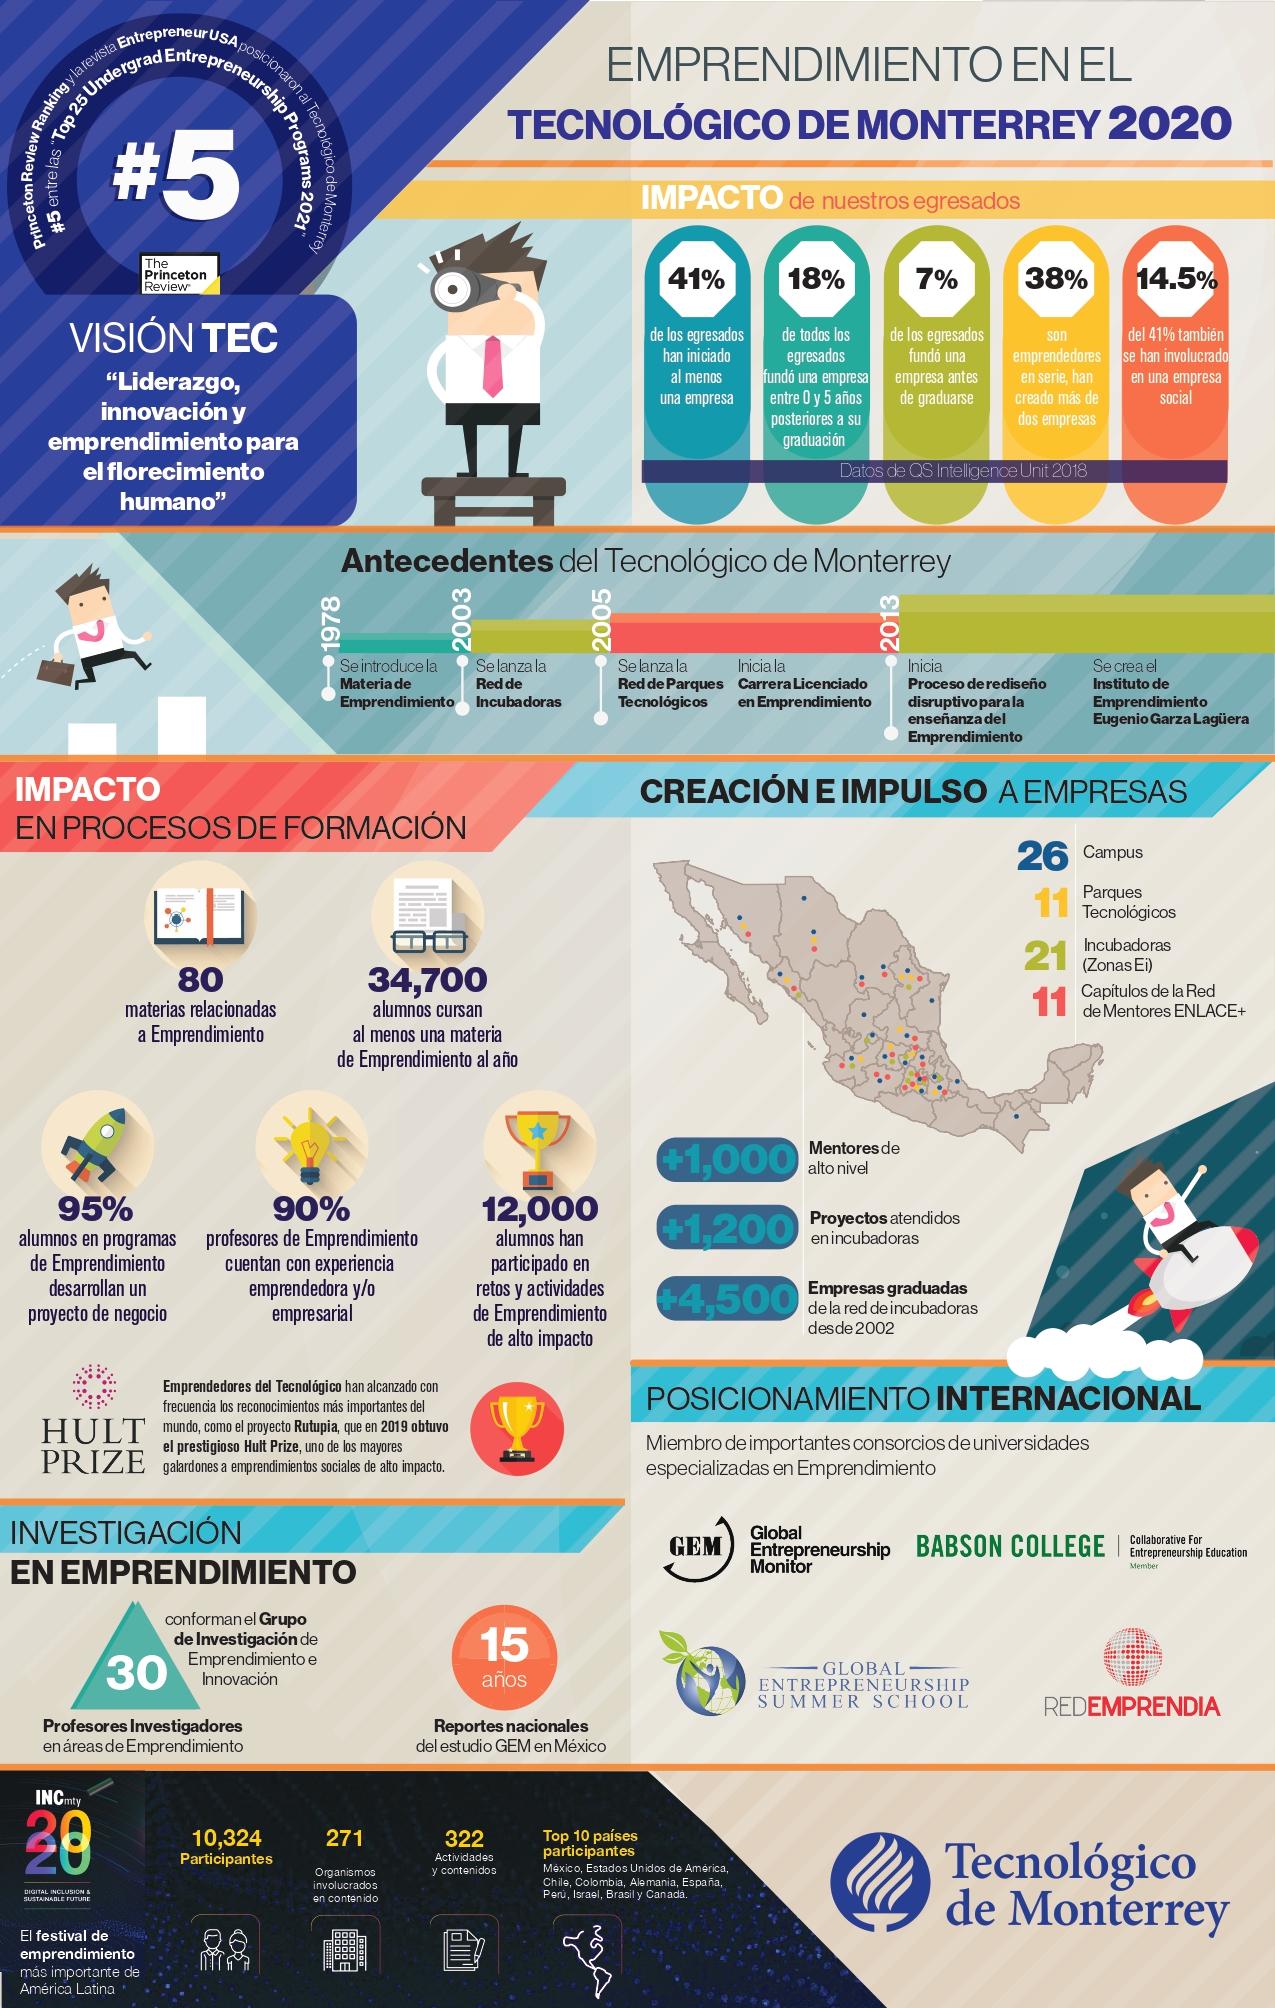 Tec de Monterrey entra al top 5 en Emprendimiento por The Princeton Review & Entrepreneur Magazine